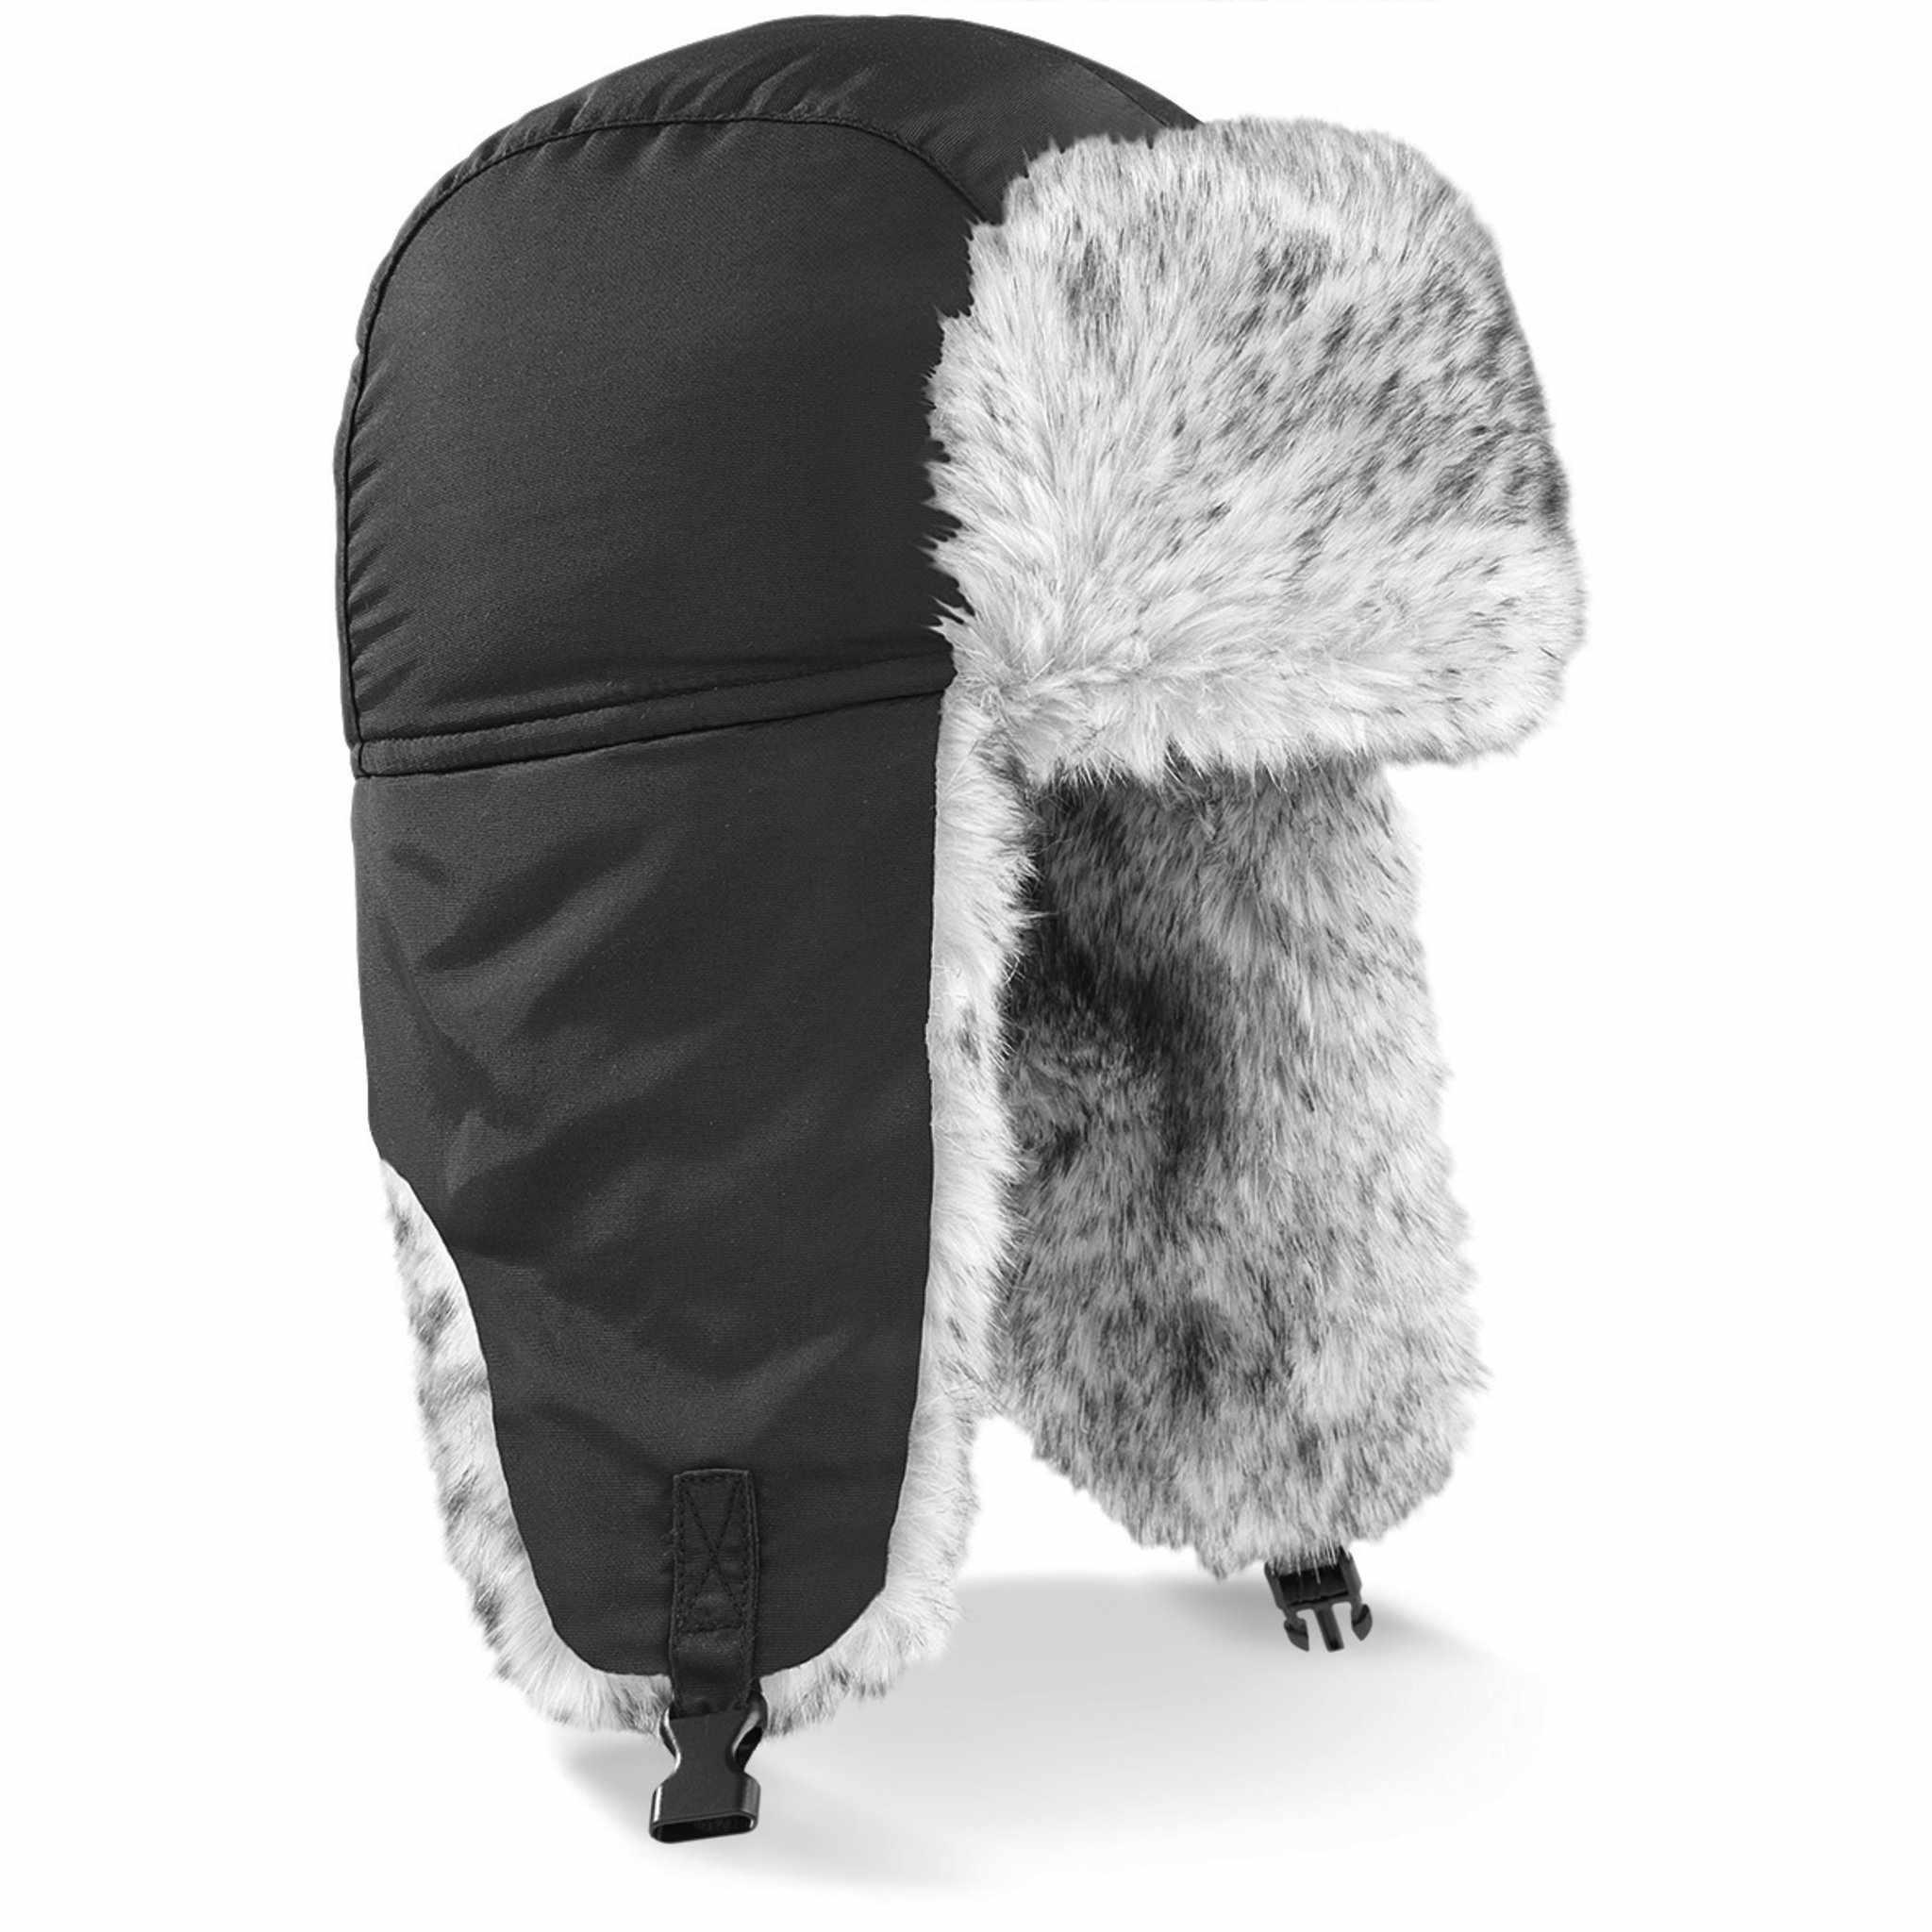 Bonnet publicitaire Sherpa - bonnet personnalisable noir